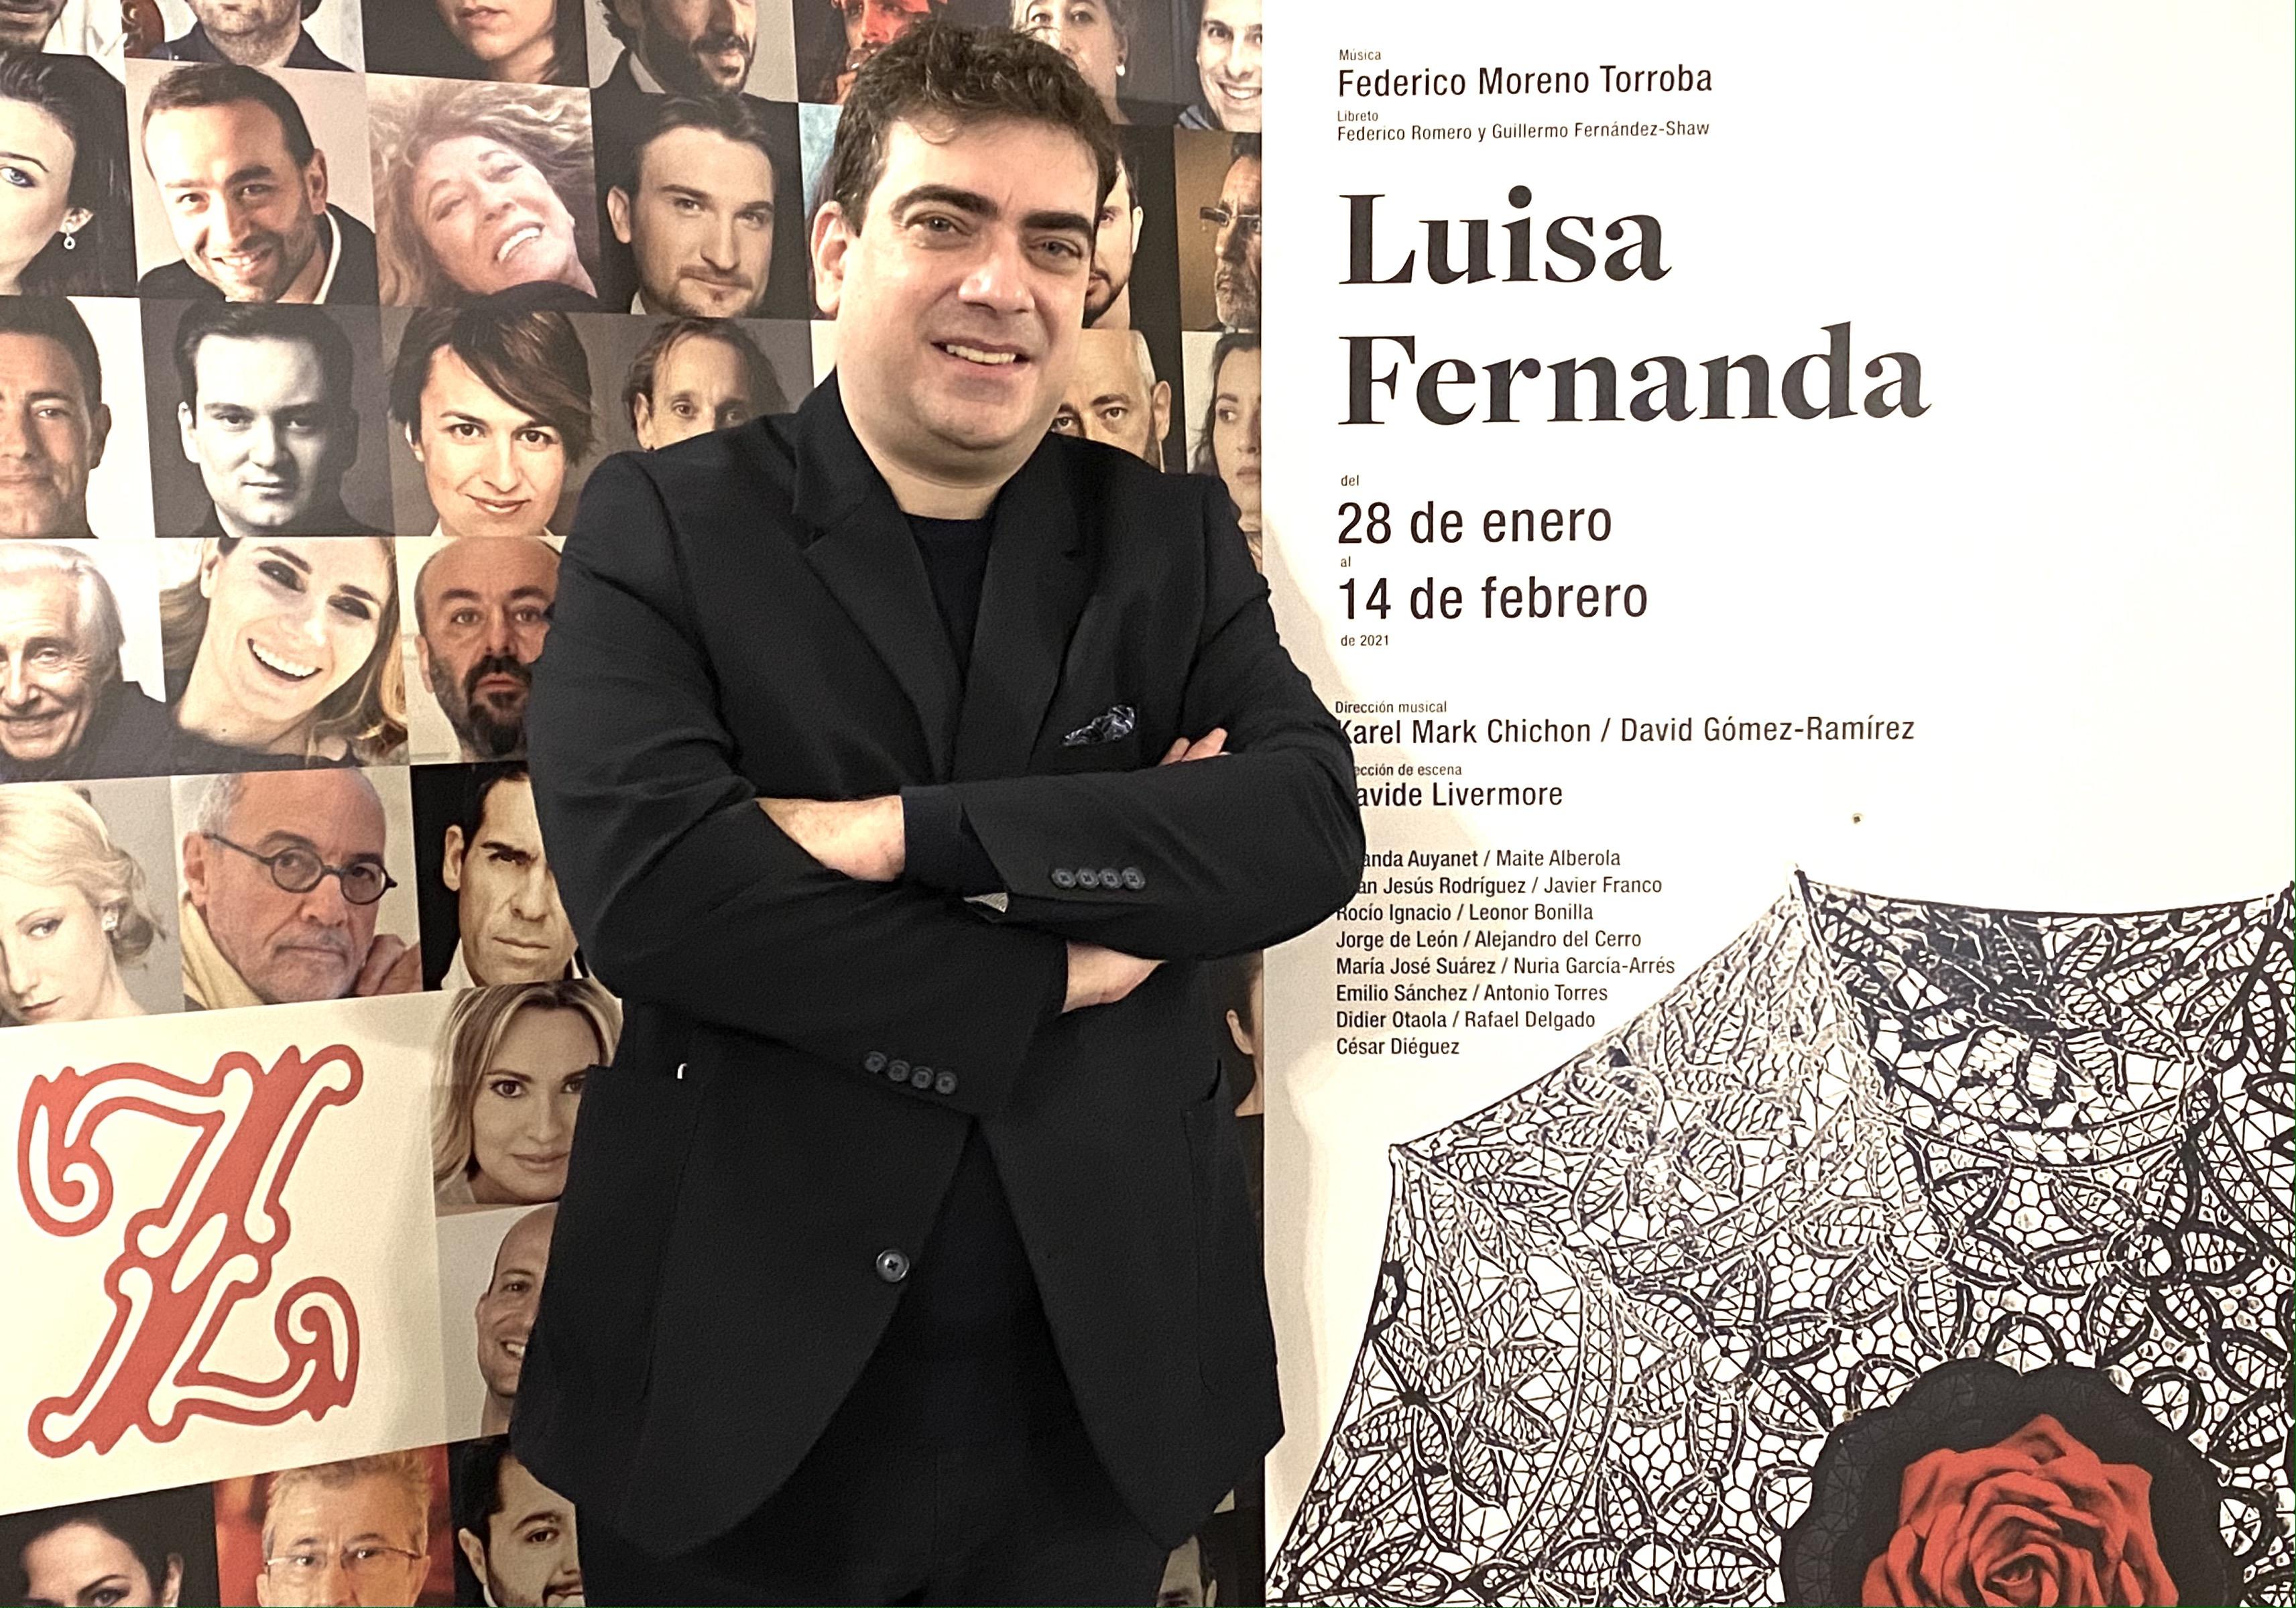 """David Gómez-Ramírez debuta mañana en el Teatro de la Zarzuela dirigiendo """"Luisa Fernanda"""" © Doble F"""